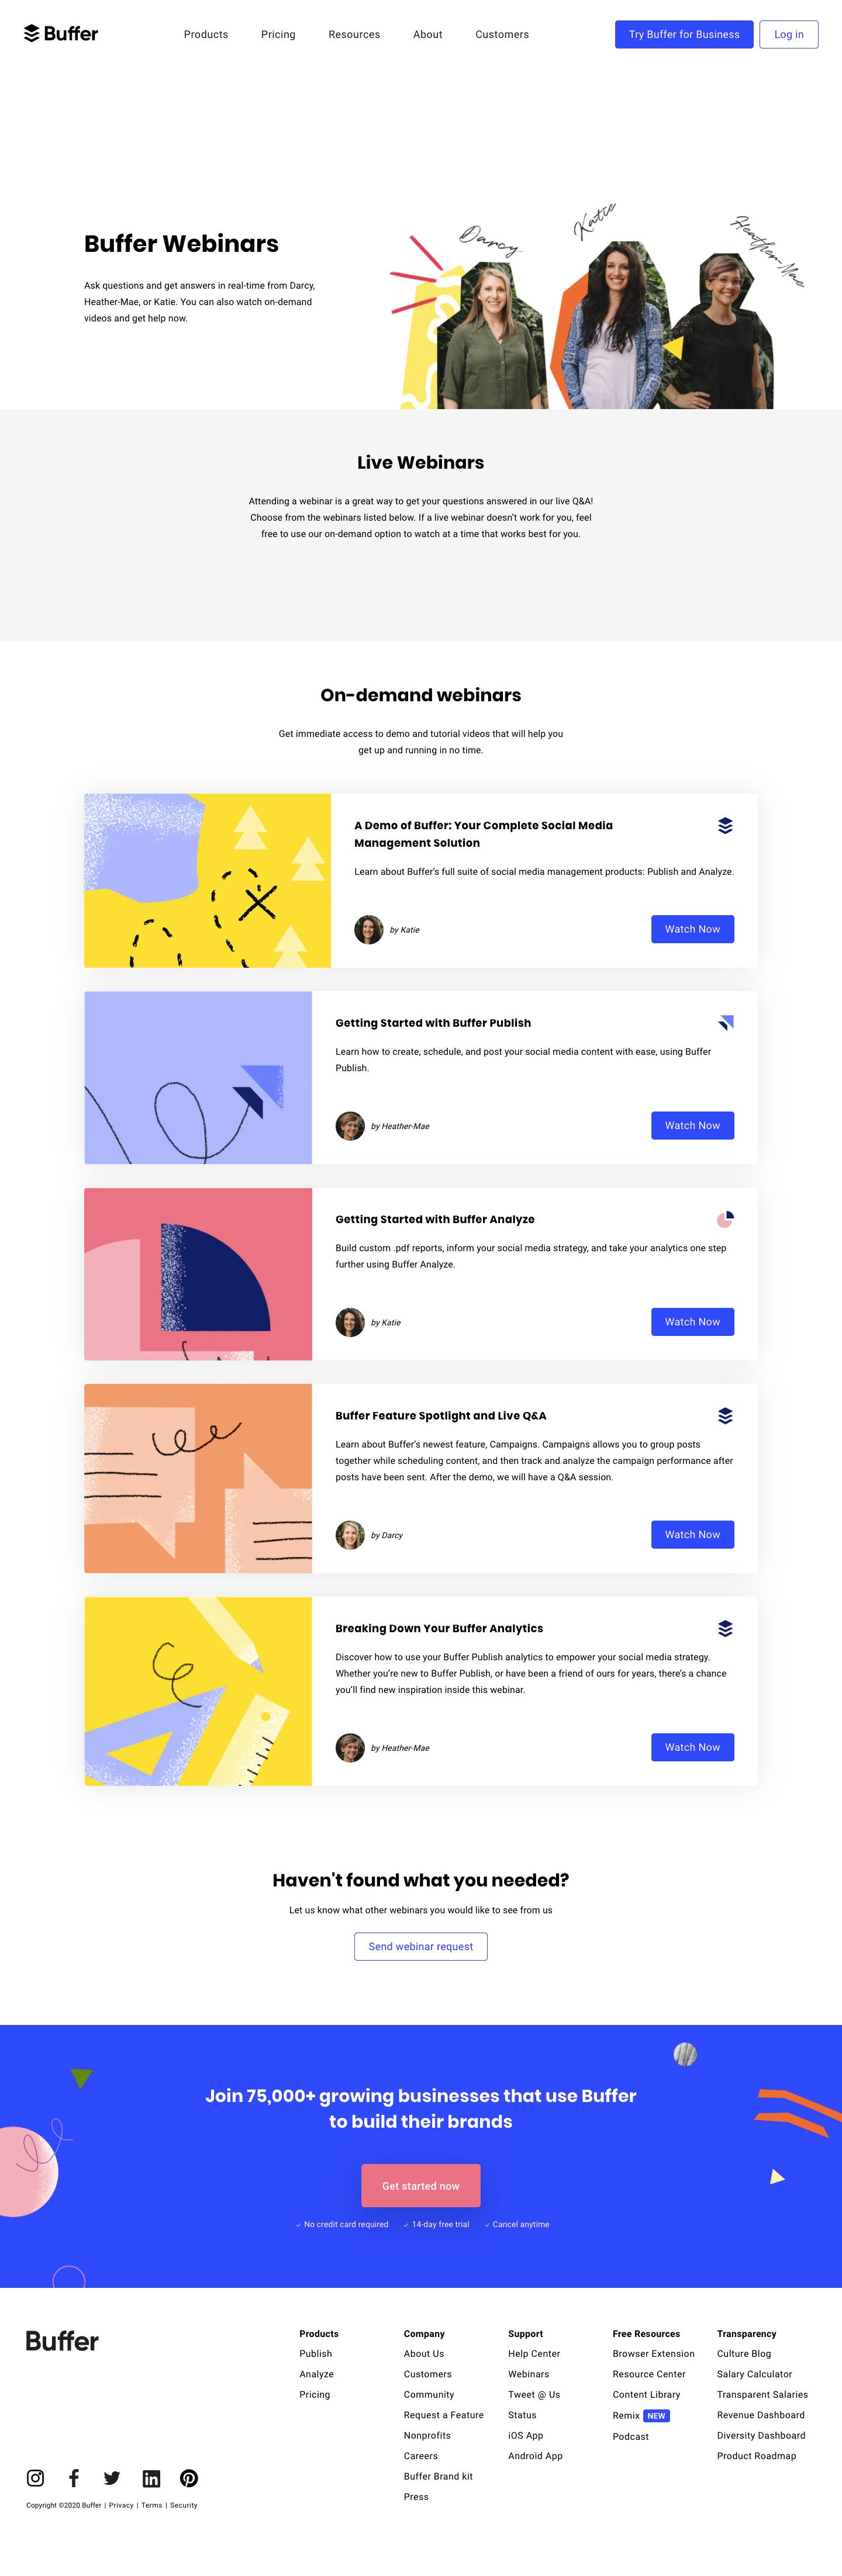 Buffer Webinars Page